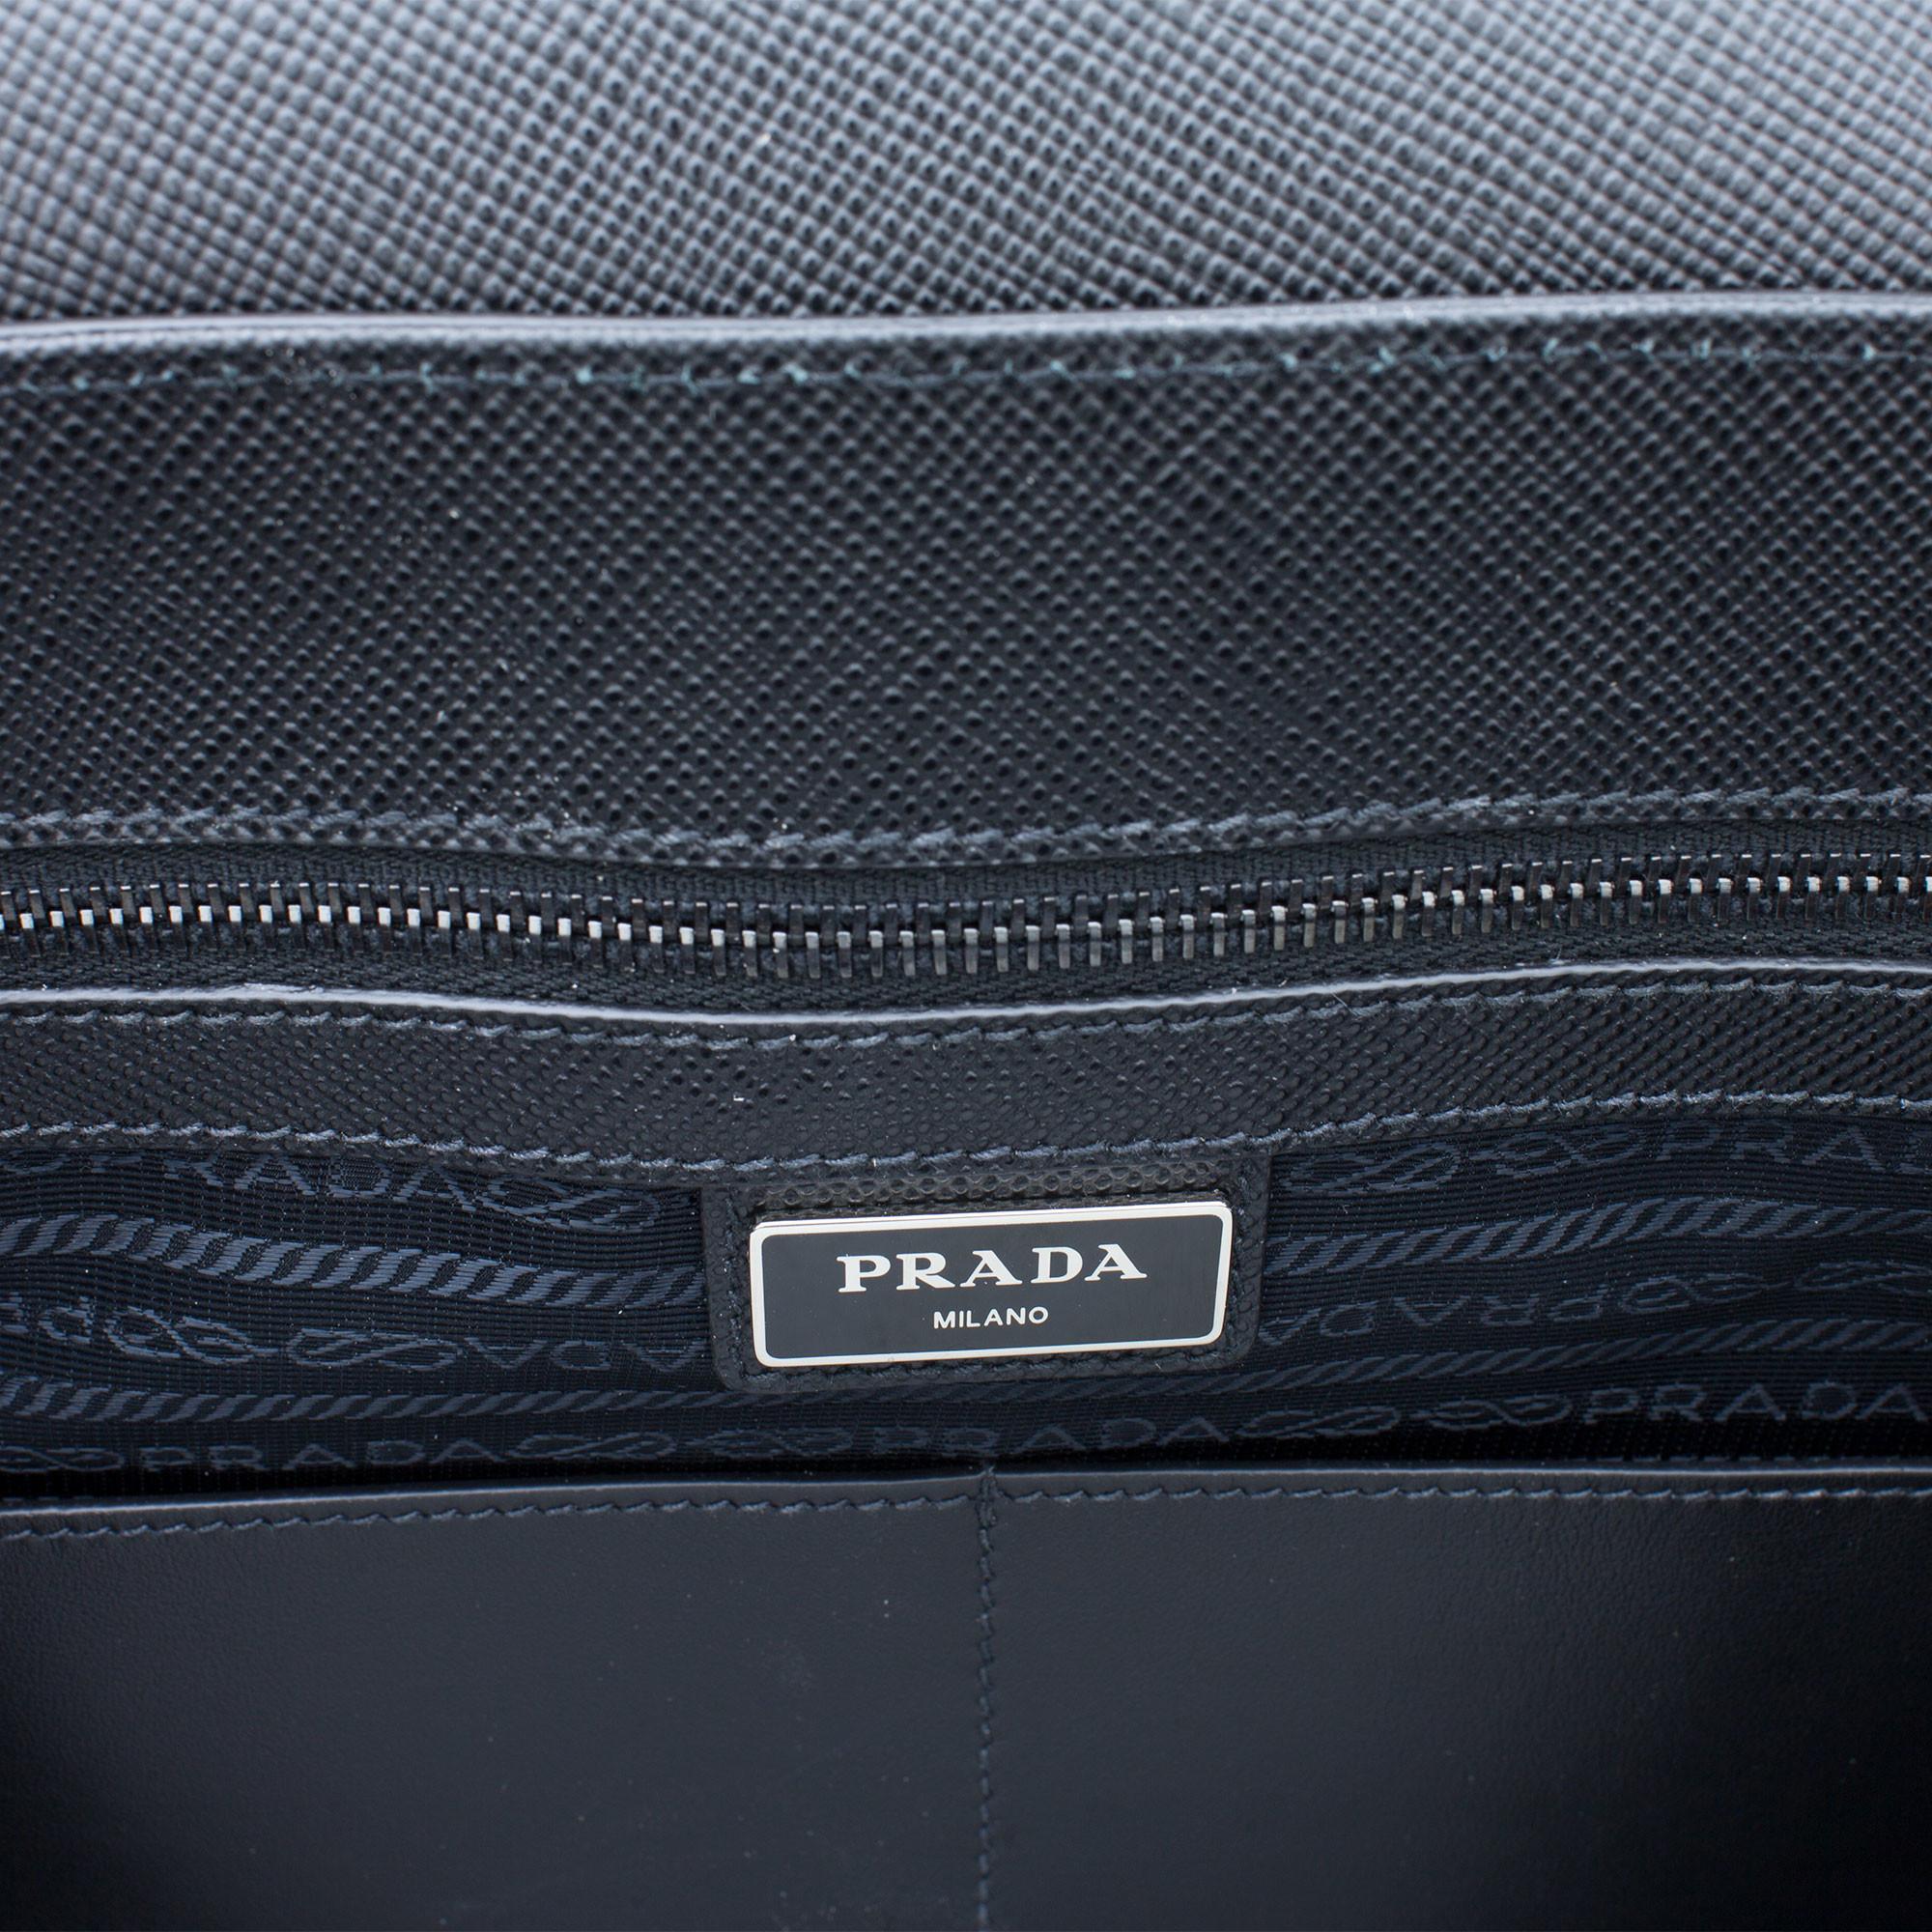 Prada Briefcase | Prada Laptop Bags | Prada Computer Case